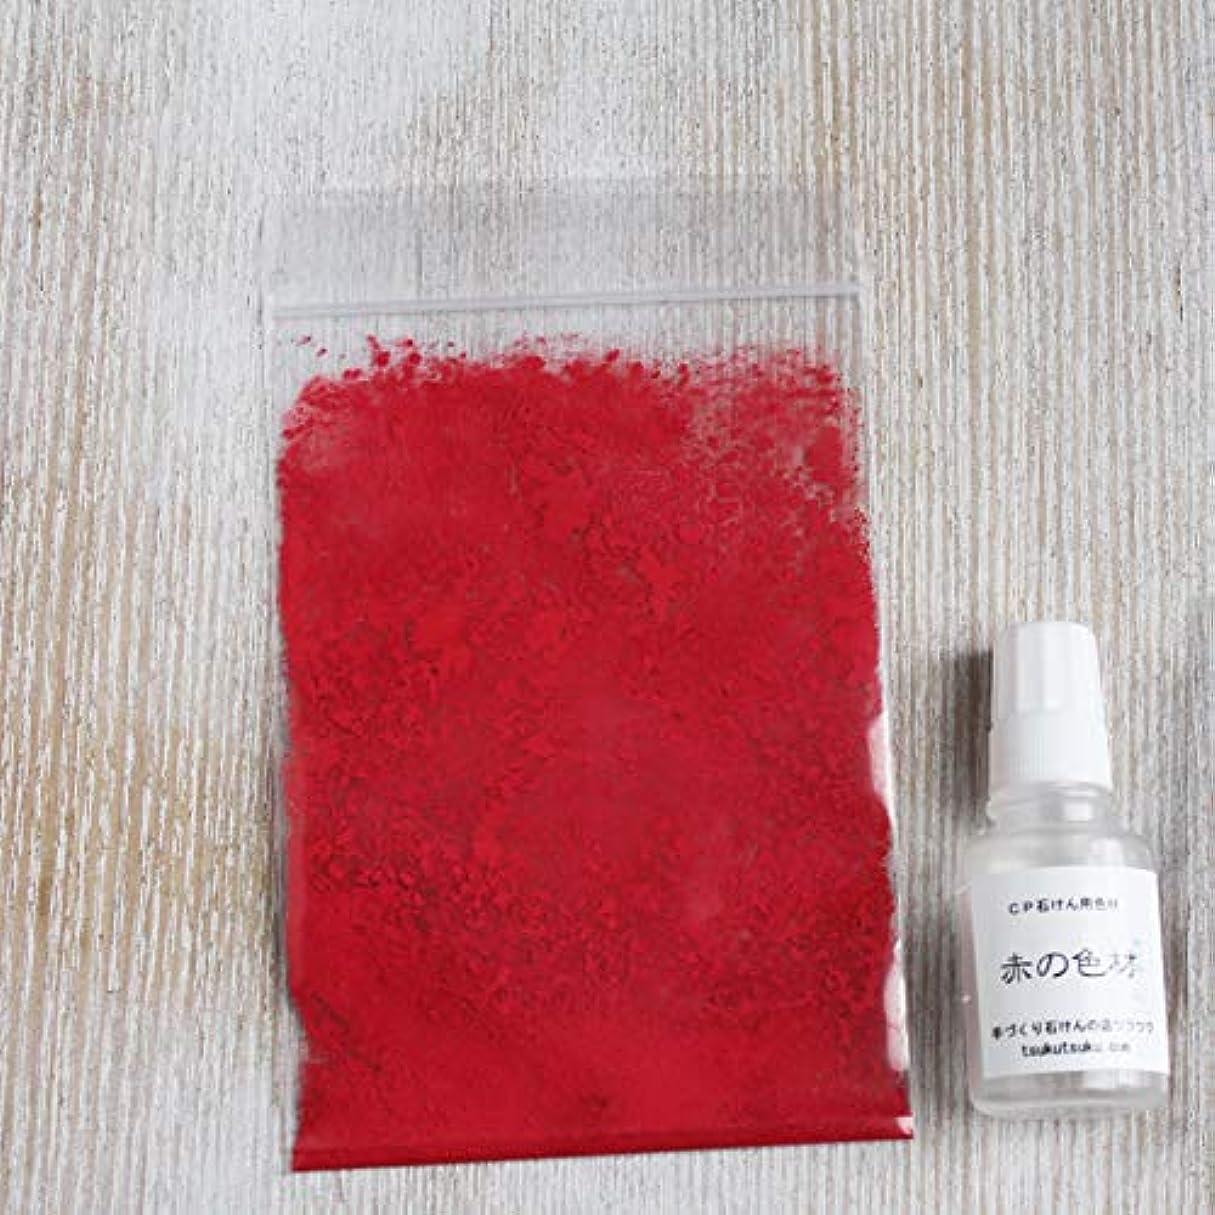 ステージコットン促すCP石けん用色材 赤の色材キット/手作り石けん?手作り化粧品材料